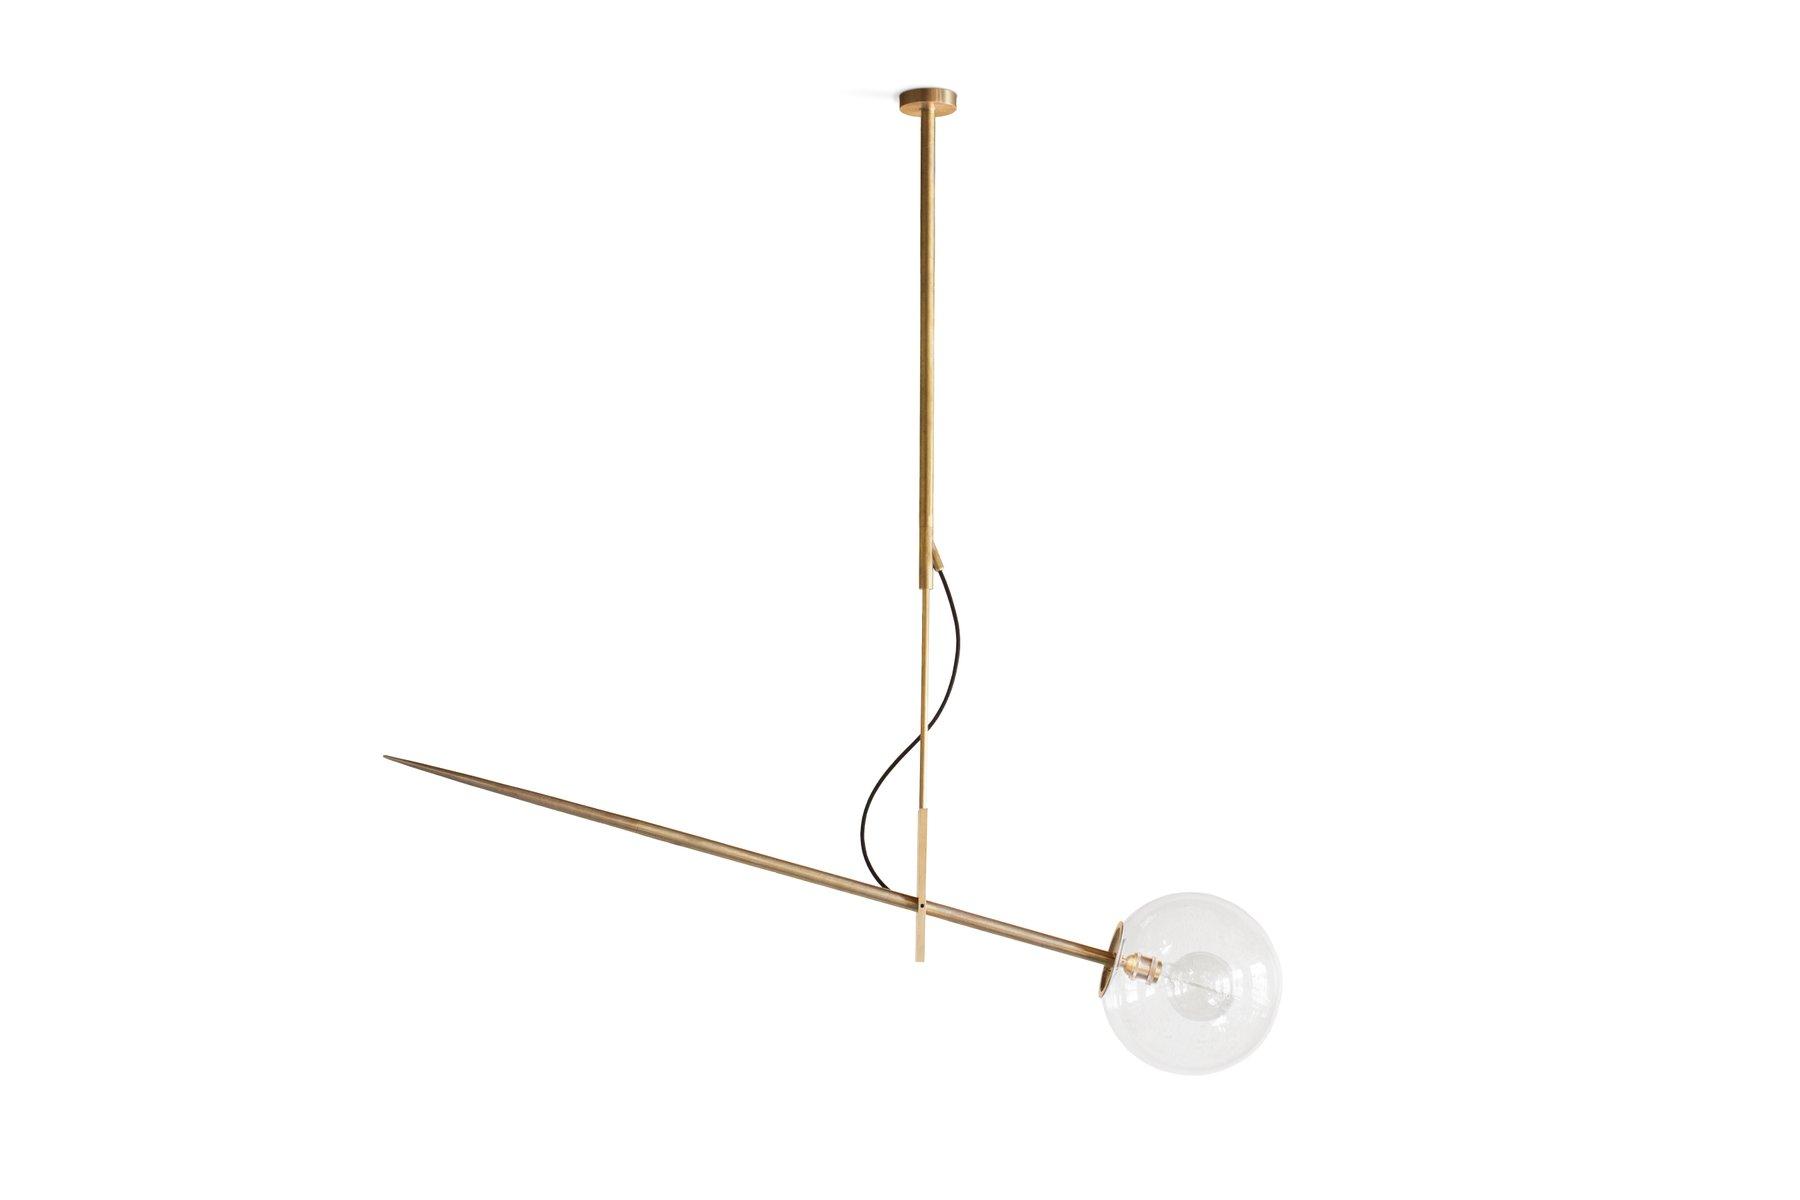 Hasta Deckenlampe von Jan Garncarek Design